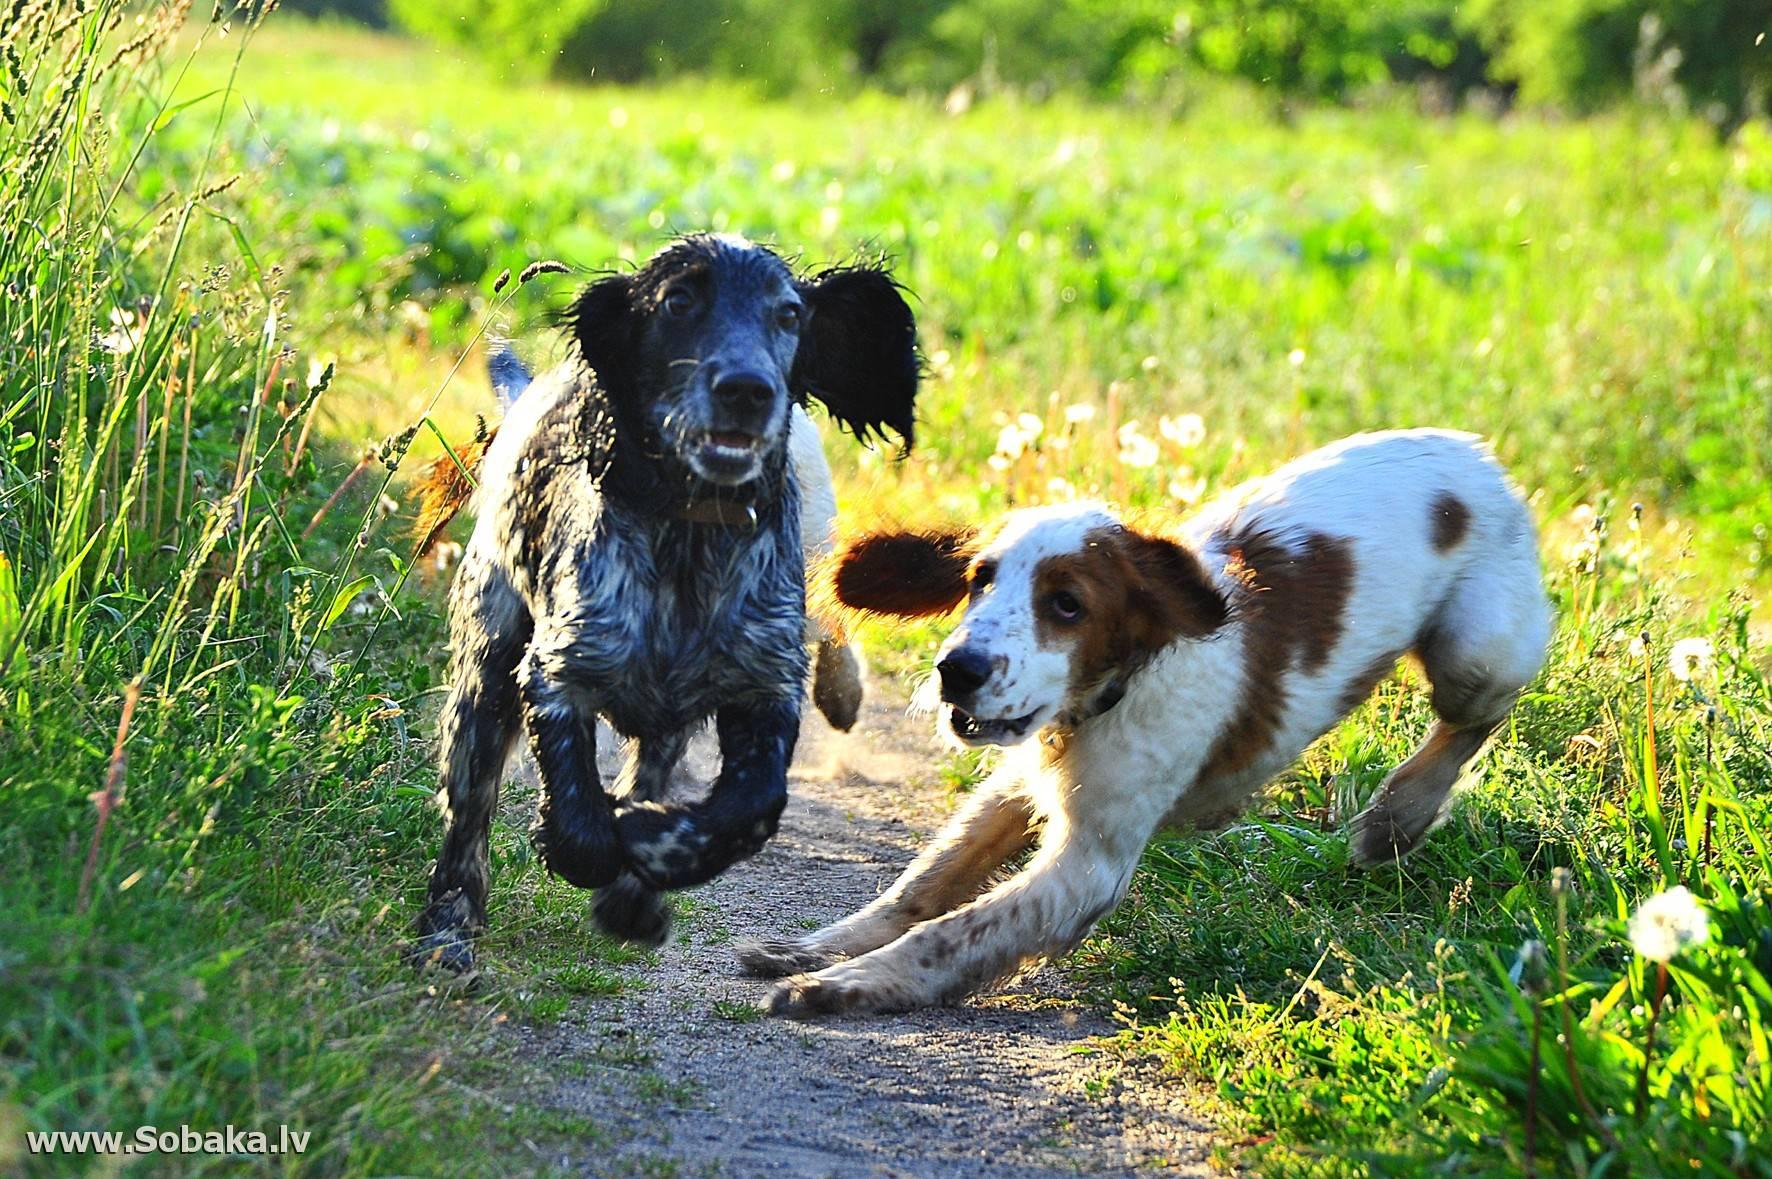 Русский охотничий спаниель: все о собаке, фото, описание породы, характер, цена